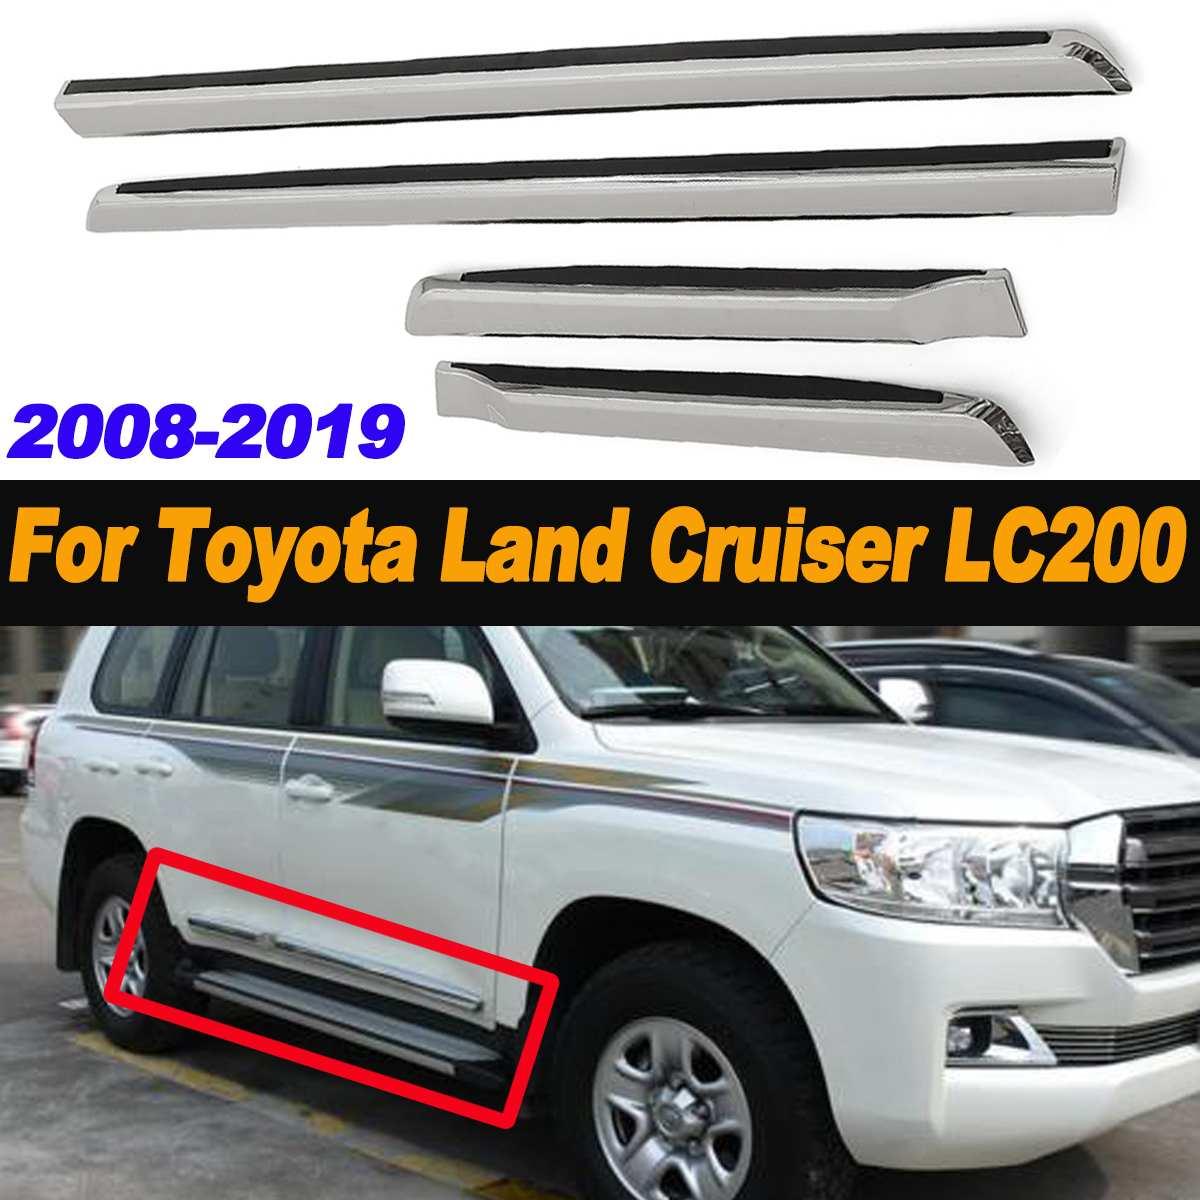 4 pièces Chrome porte côté moulage ABS voiture carrosserie garniture pour Toyota pour Land Cruiser LC200 2008-2019 Chrome style